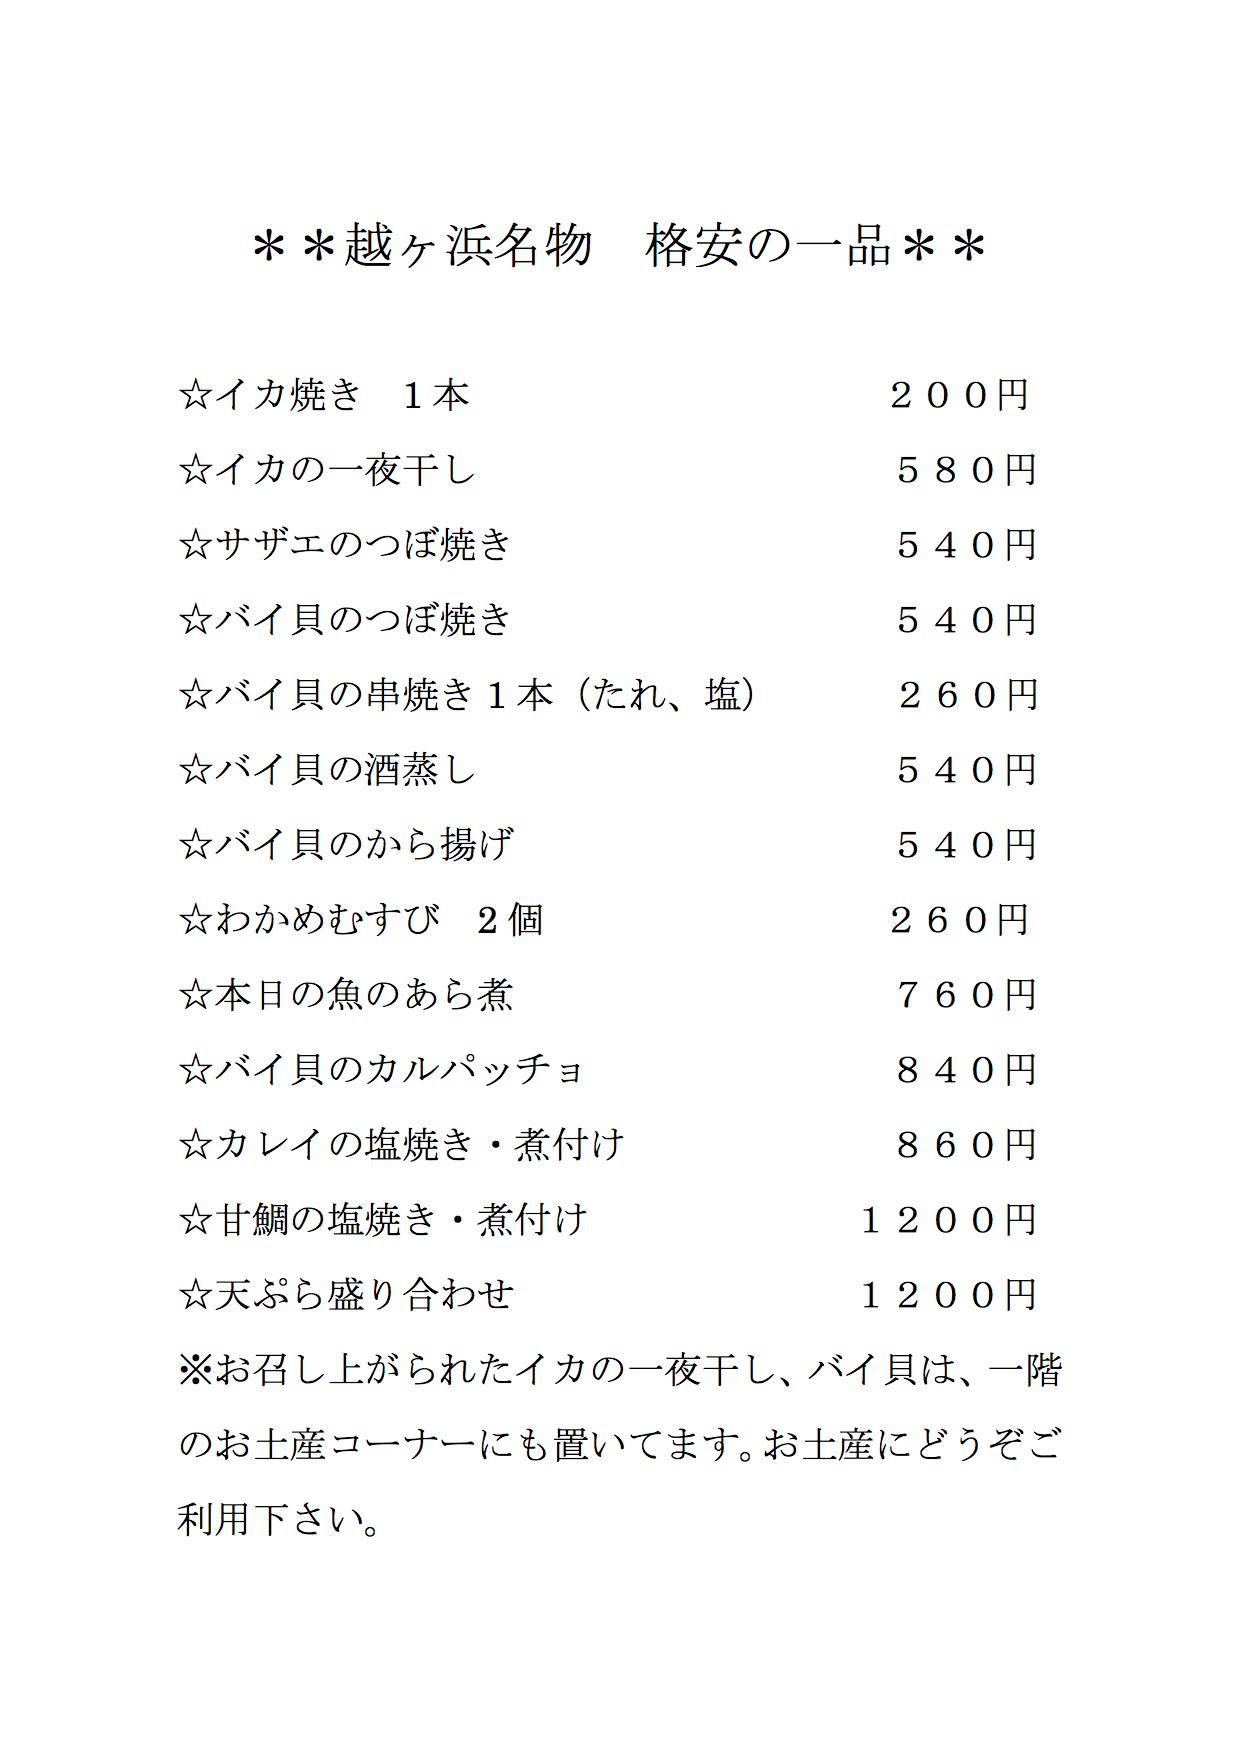 単品メニュー 1